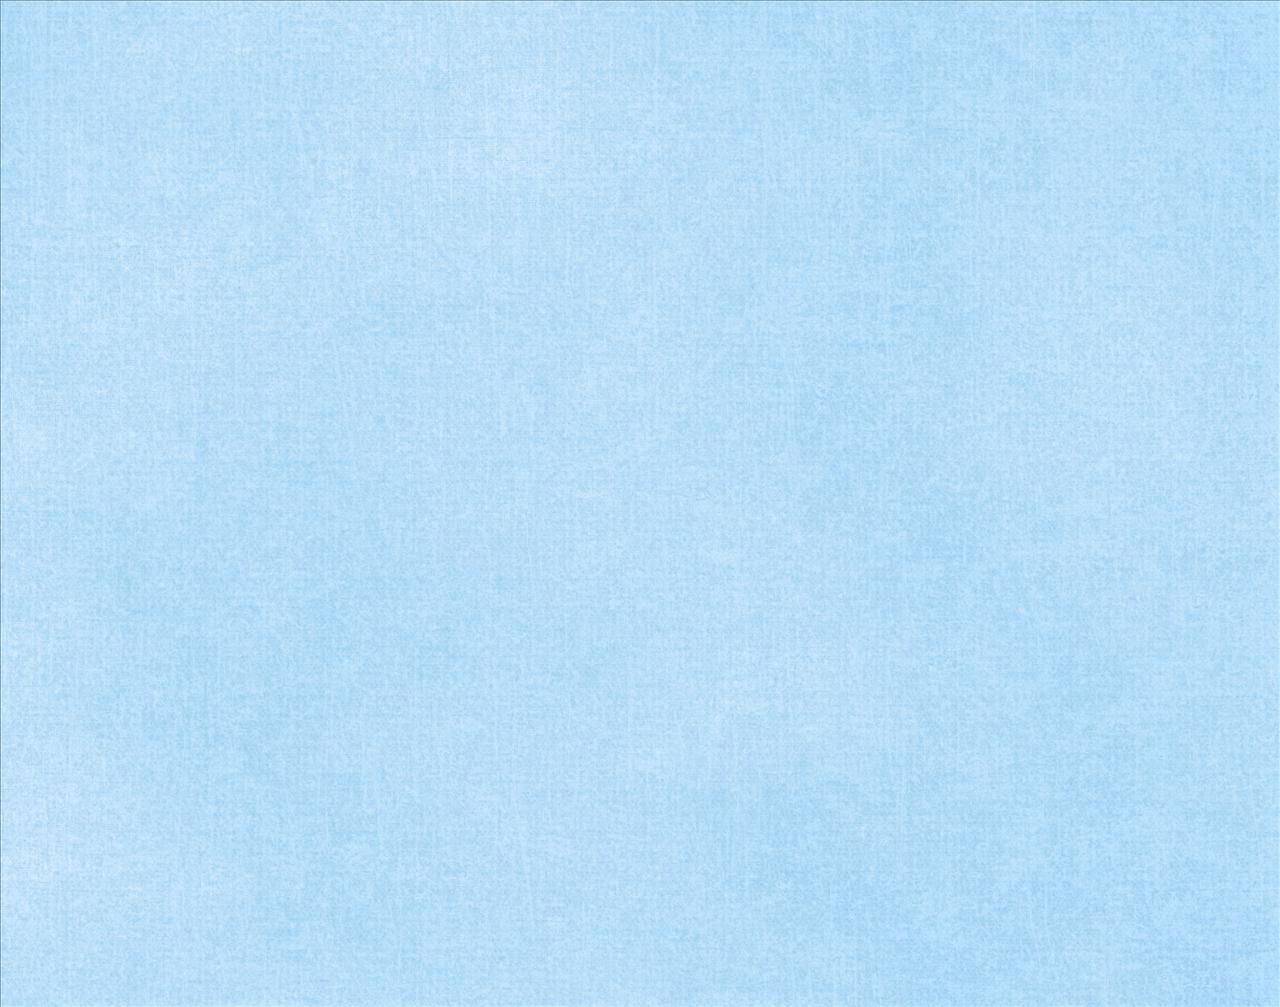 light blue backgrounds wallpaper cave. Black Bedroom Furniture Sets. Home Design Ideas